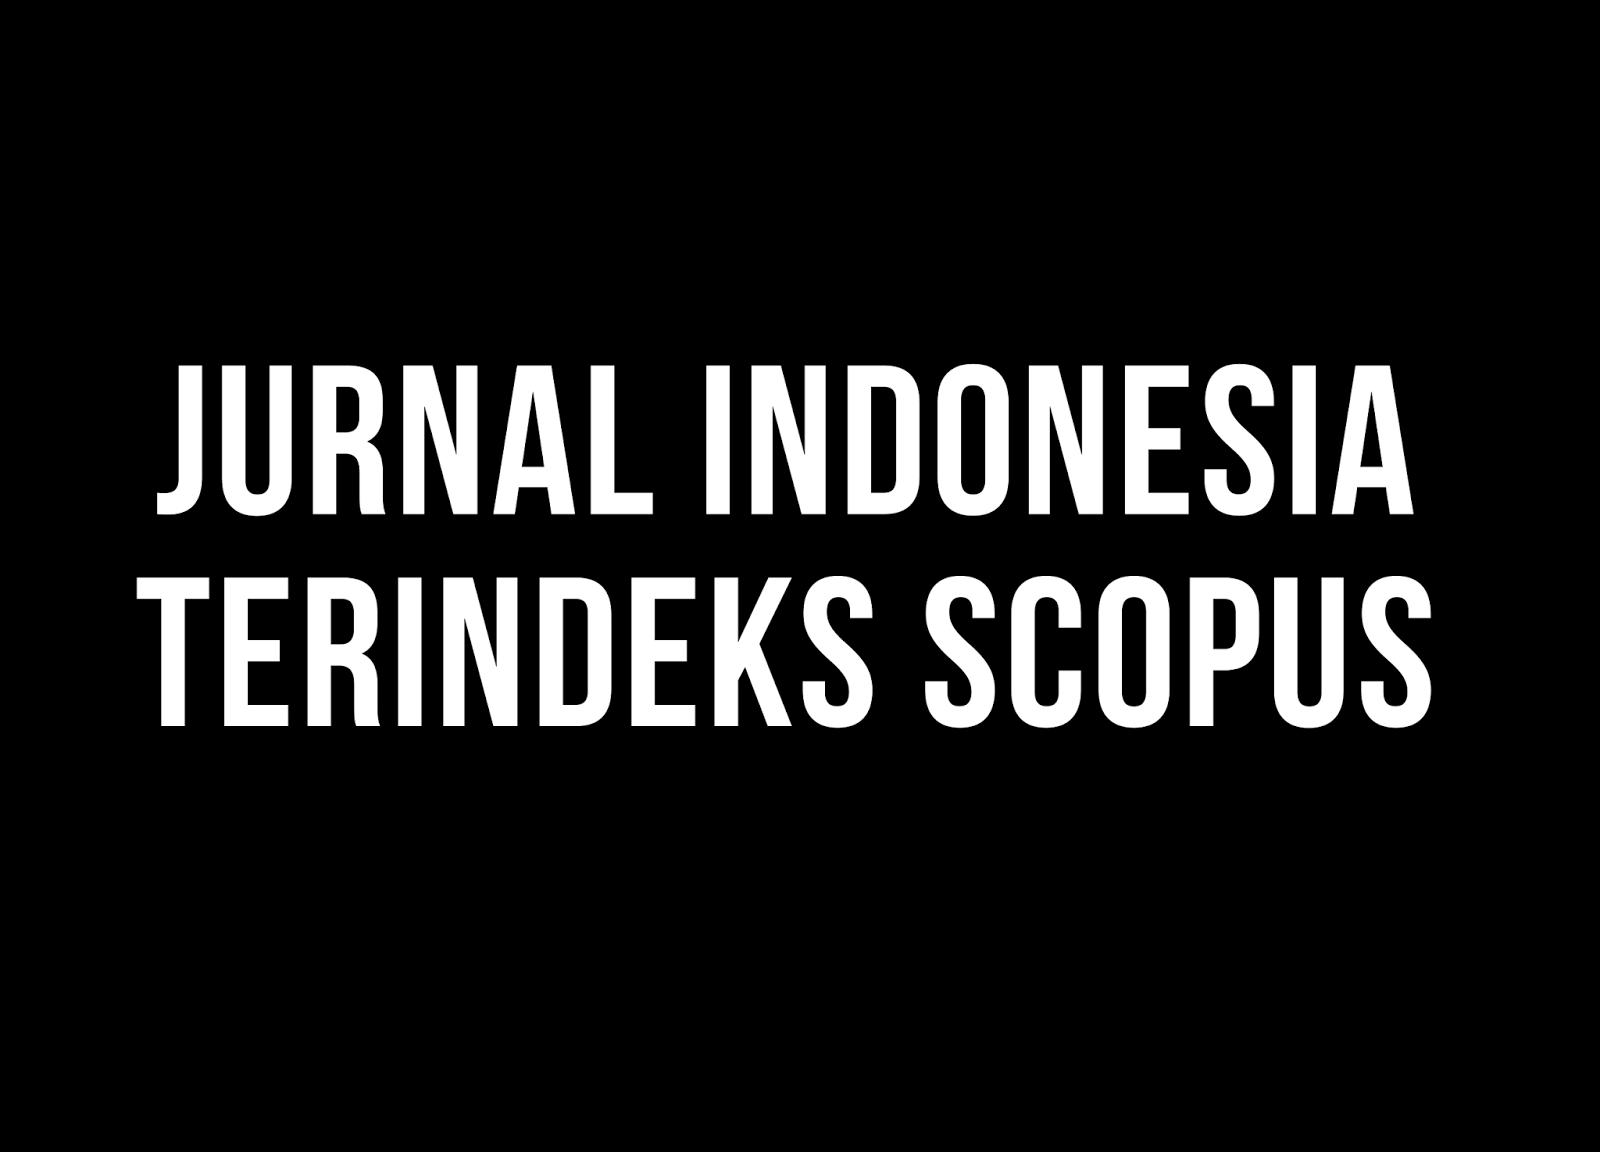 Jurnal Indonesia yang Terindeks Scopus